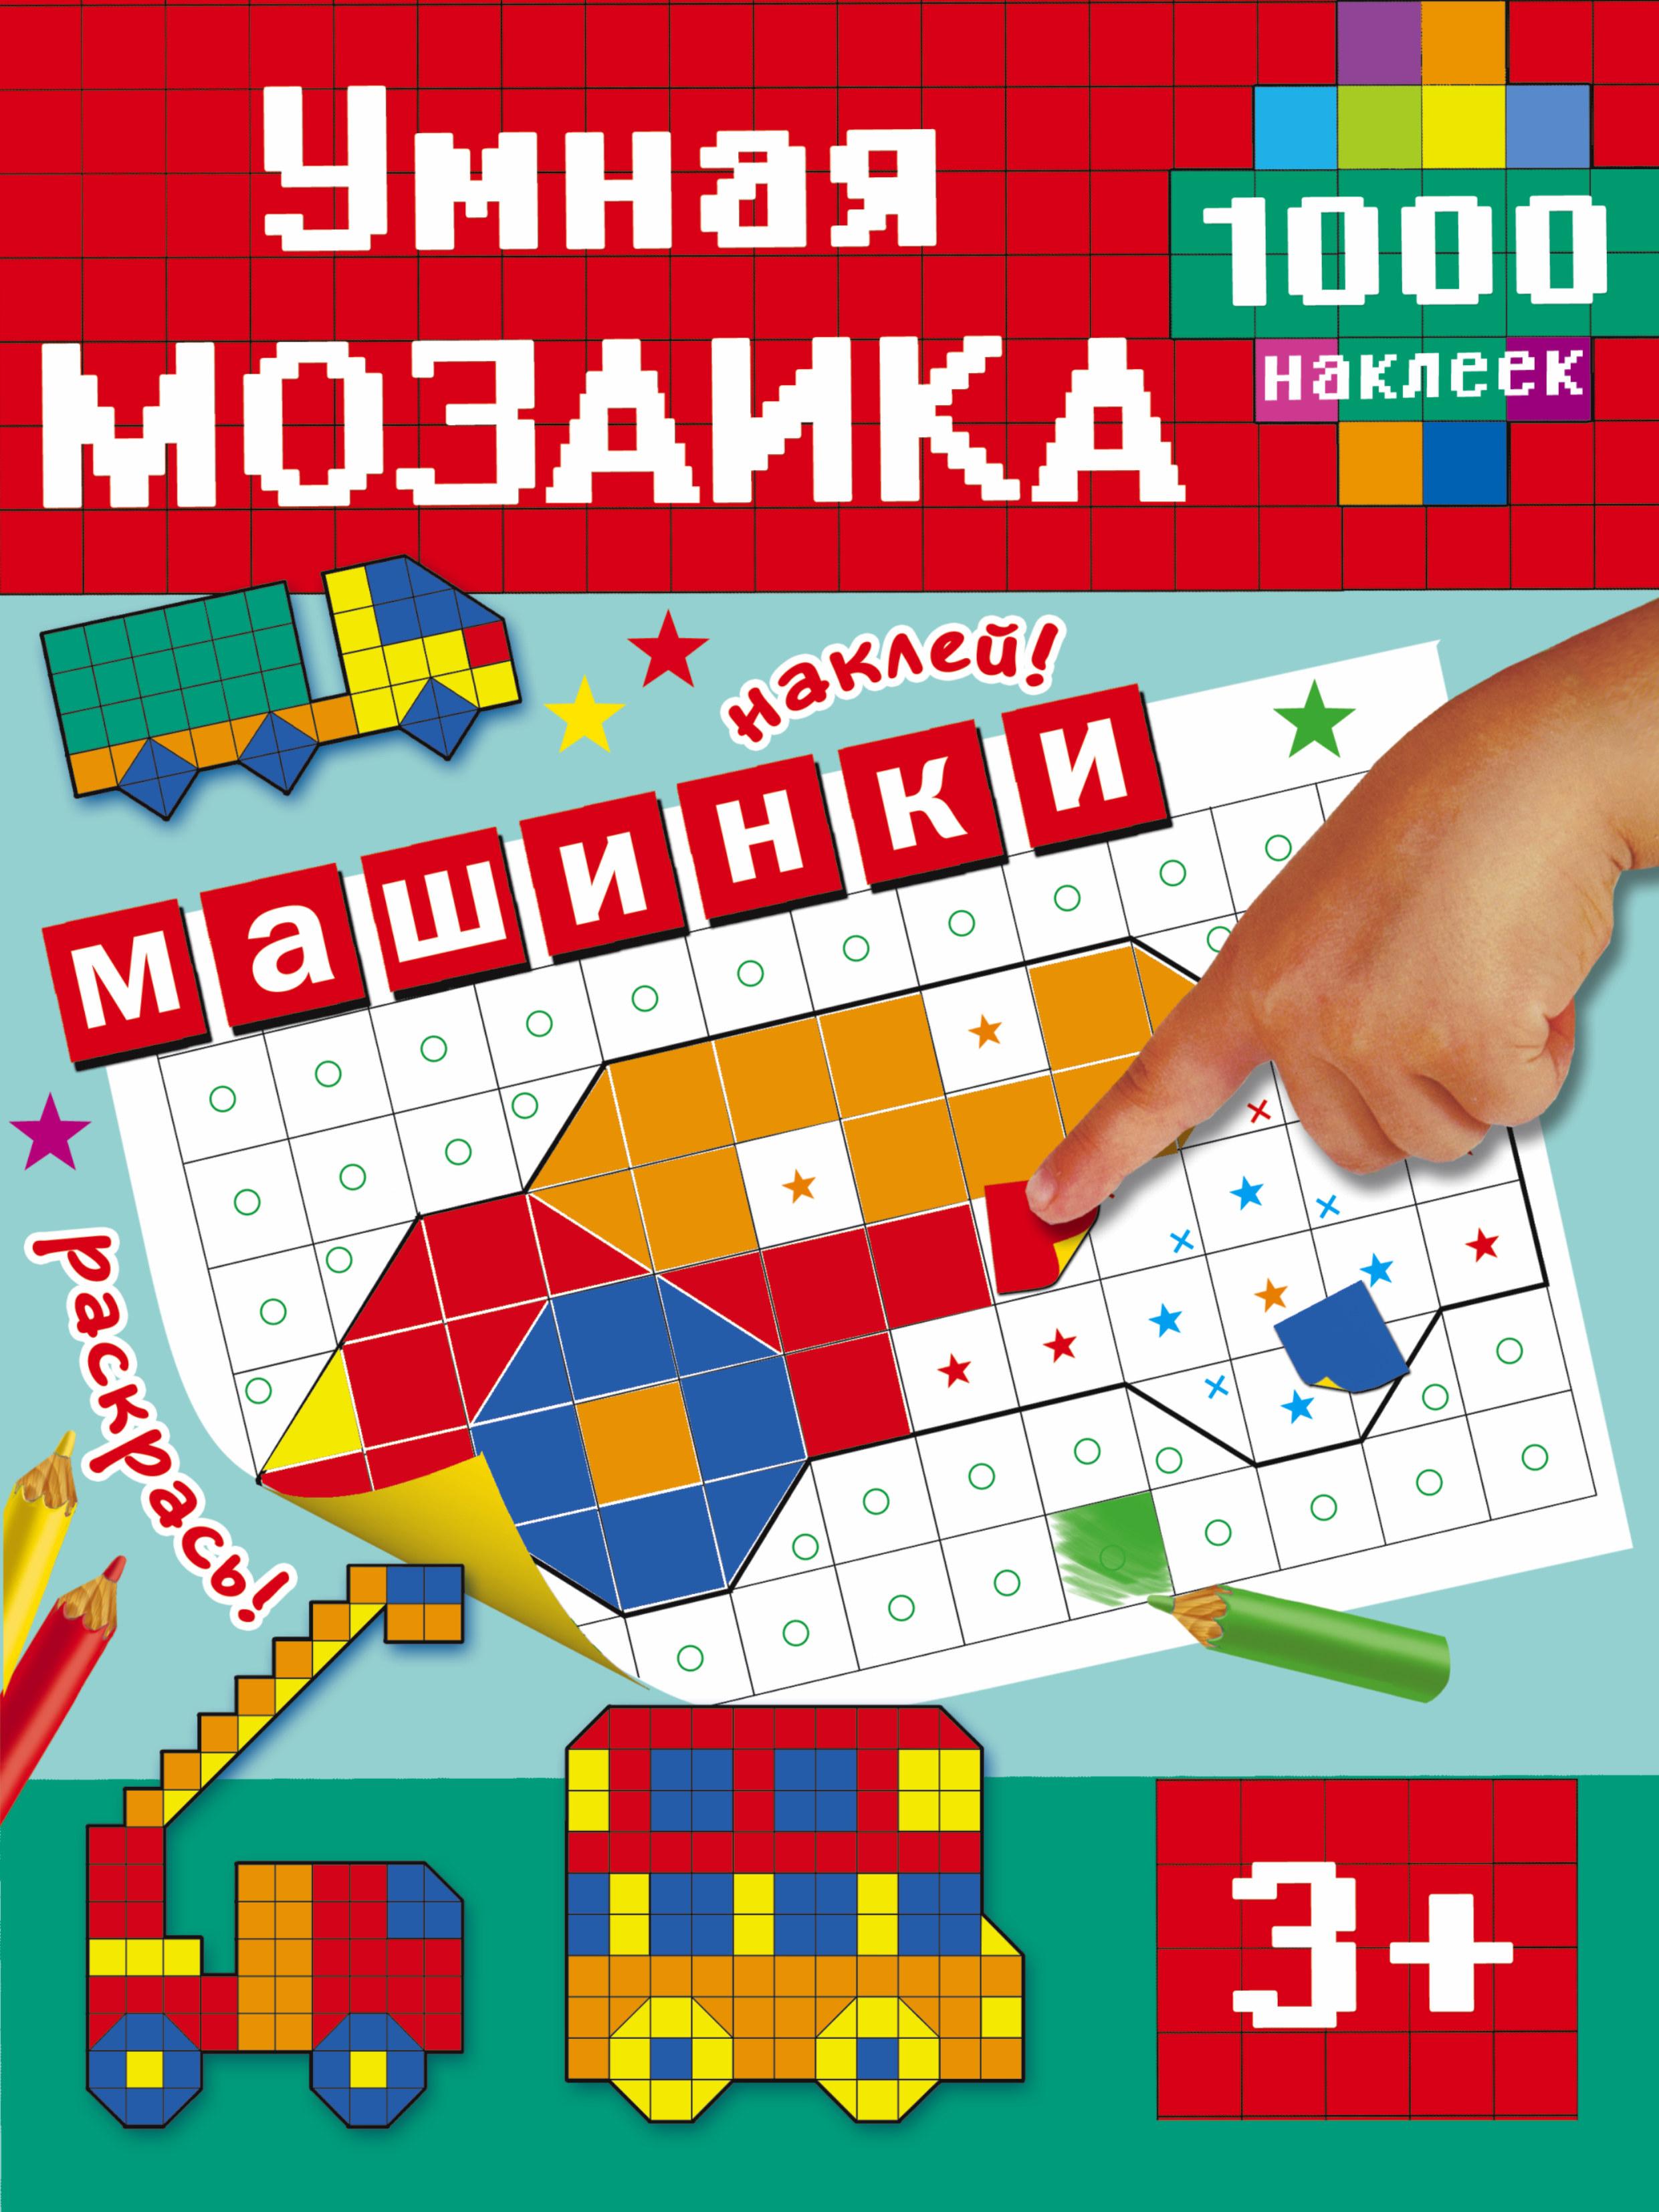 9785171015060 - Глотова М.Д.: Машинки - Книга